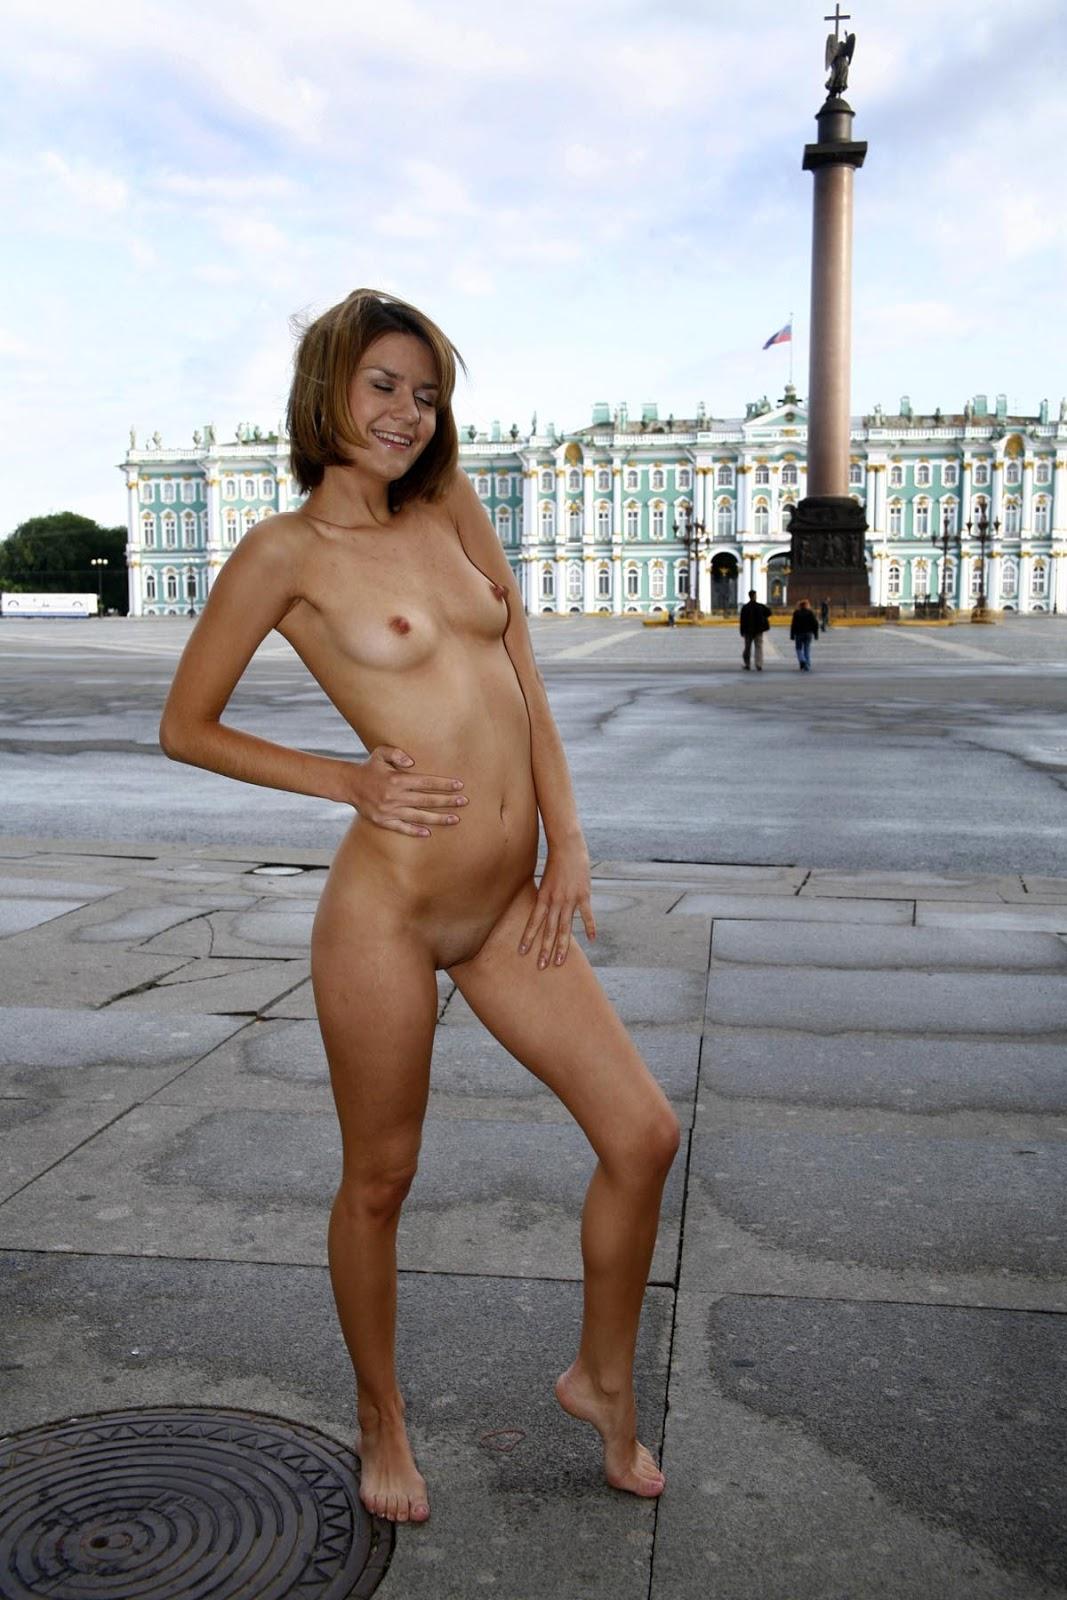 Голая девушка по петербургу фото 254-708